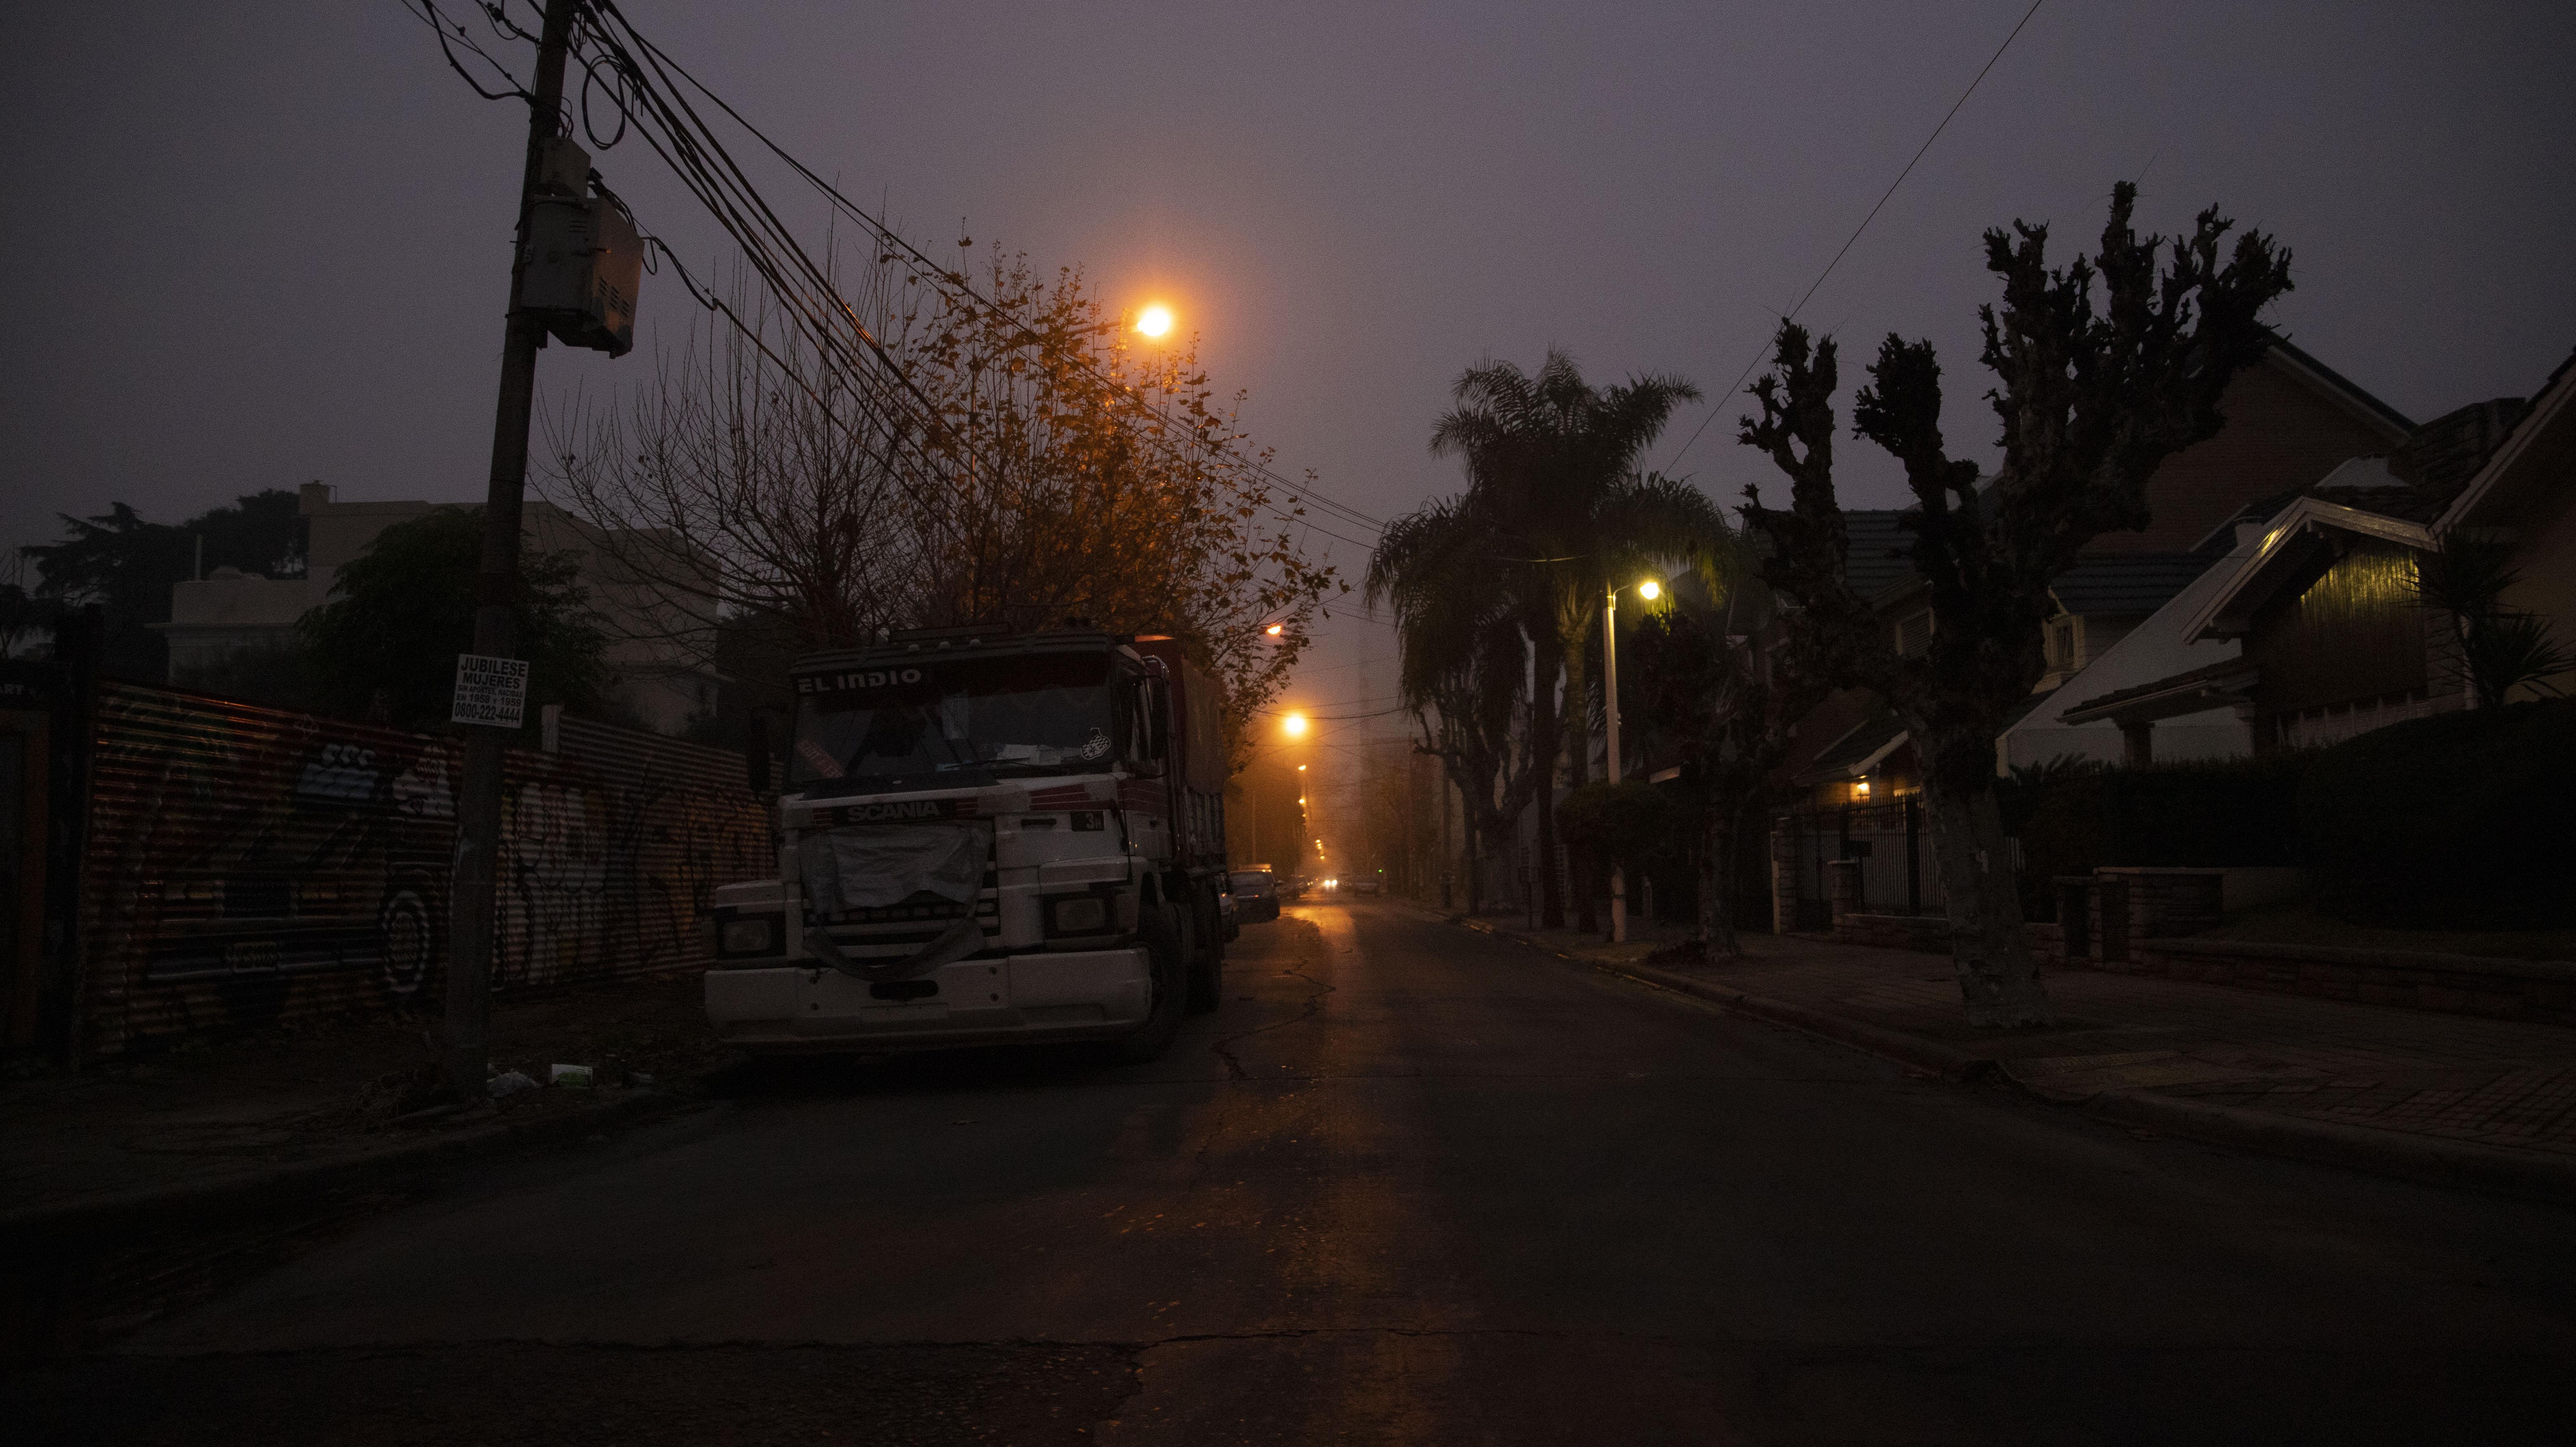 La niebla de advección se produce cuando una corriente de aire cálido y muy húmedo se desplaza sobre una superficie más fría.